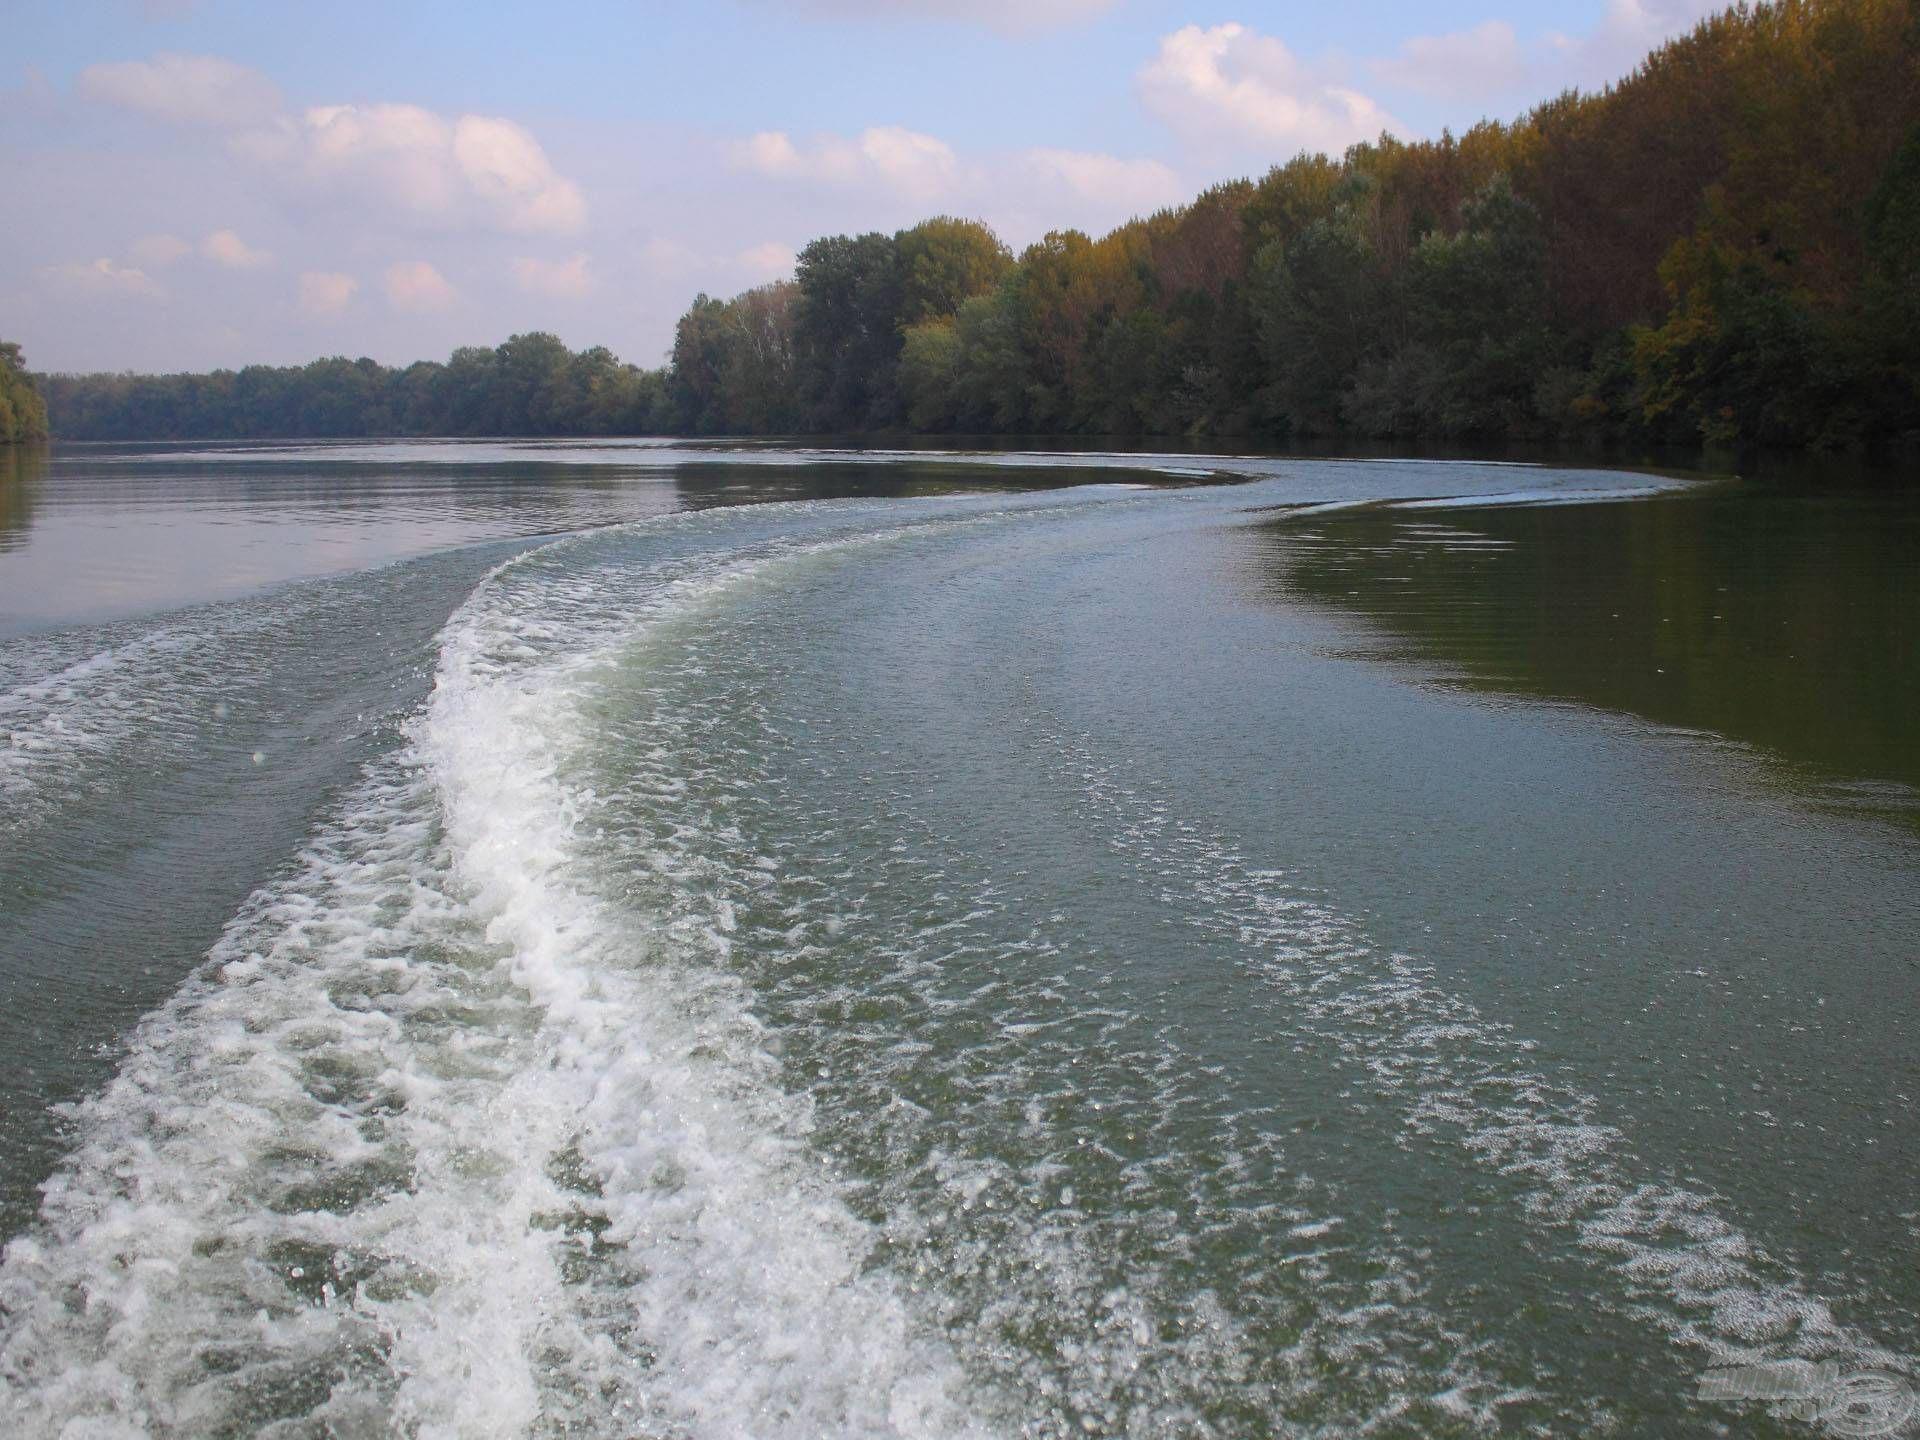 Amikor kisiklik a csónak és jól van trimmelve a motor, nincs nagy farhullám mögöttünk, így hasznosul legjobban a teljesítmény. Ezen a csónakbeli súlyelosztással is javíthatunk, vagy épp ronthatunk